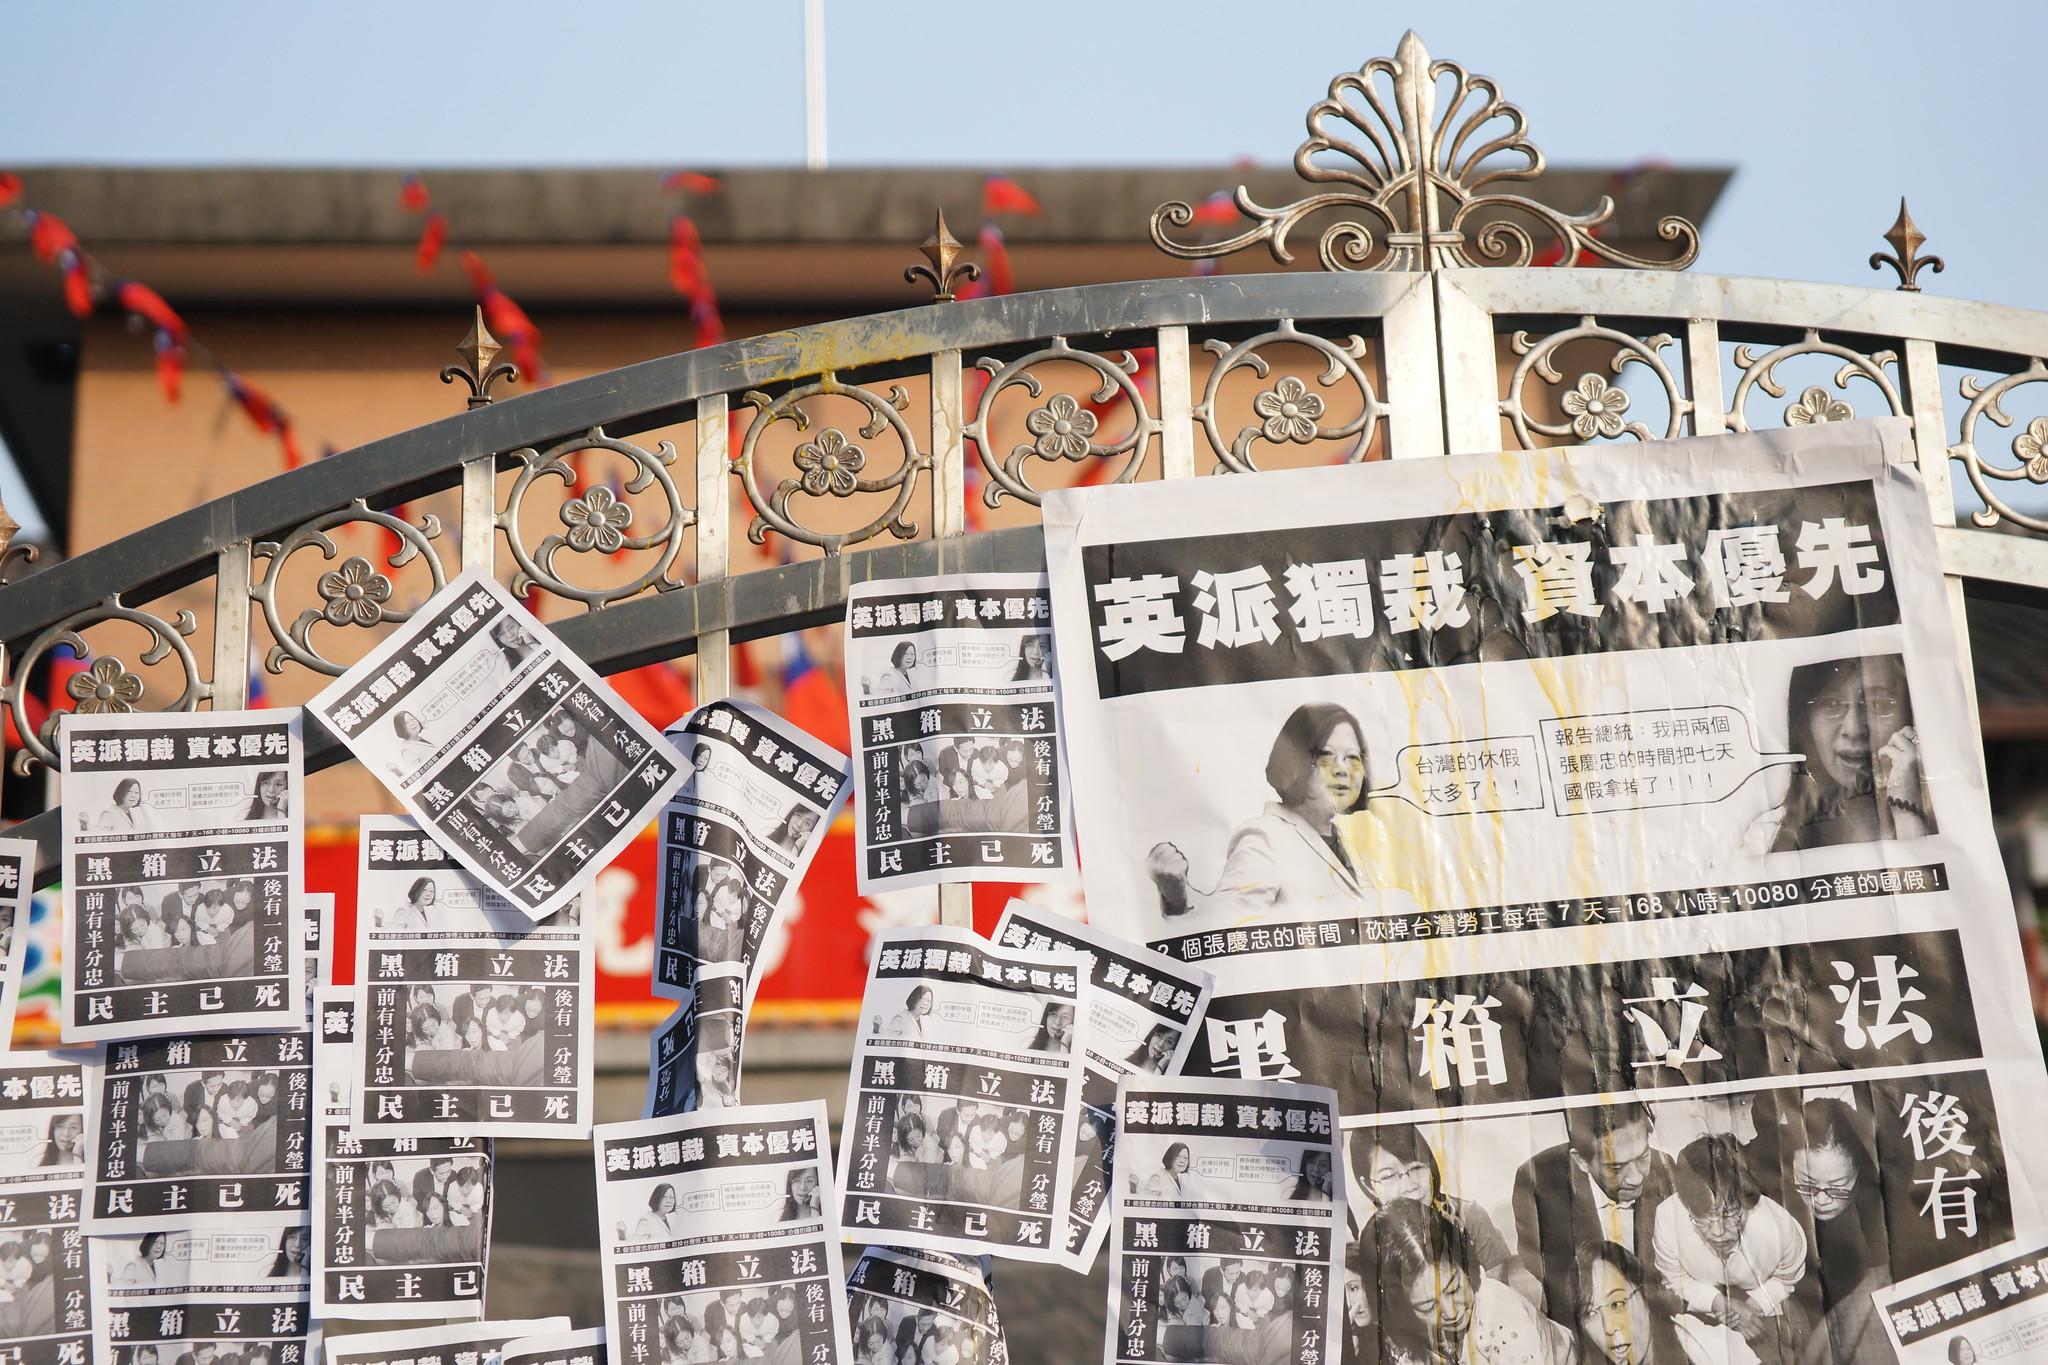 立院外牆貼滿「英派獨裁」標語。(攝影:王顥中)